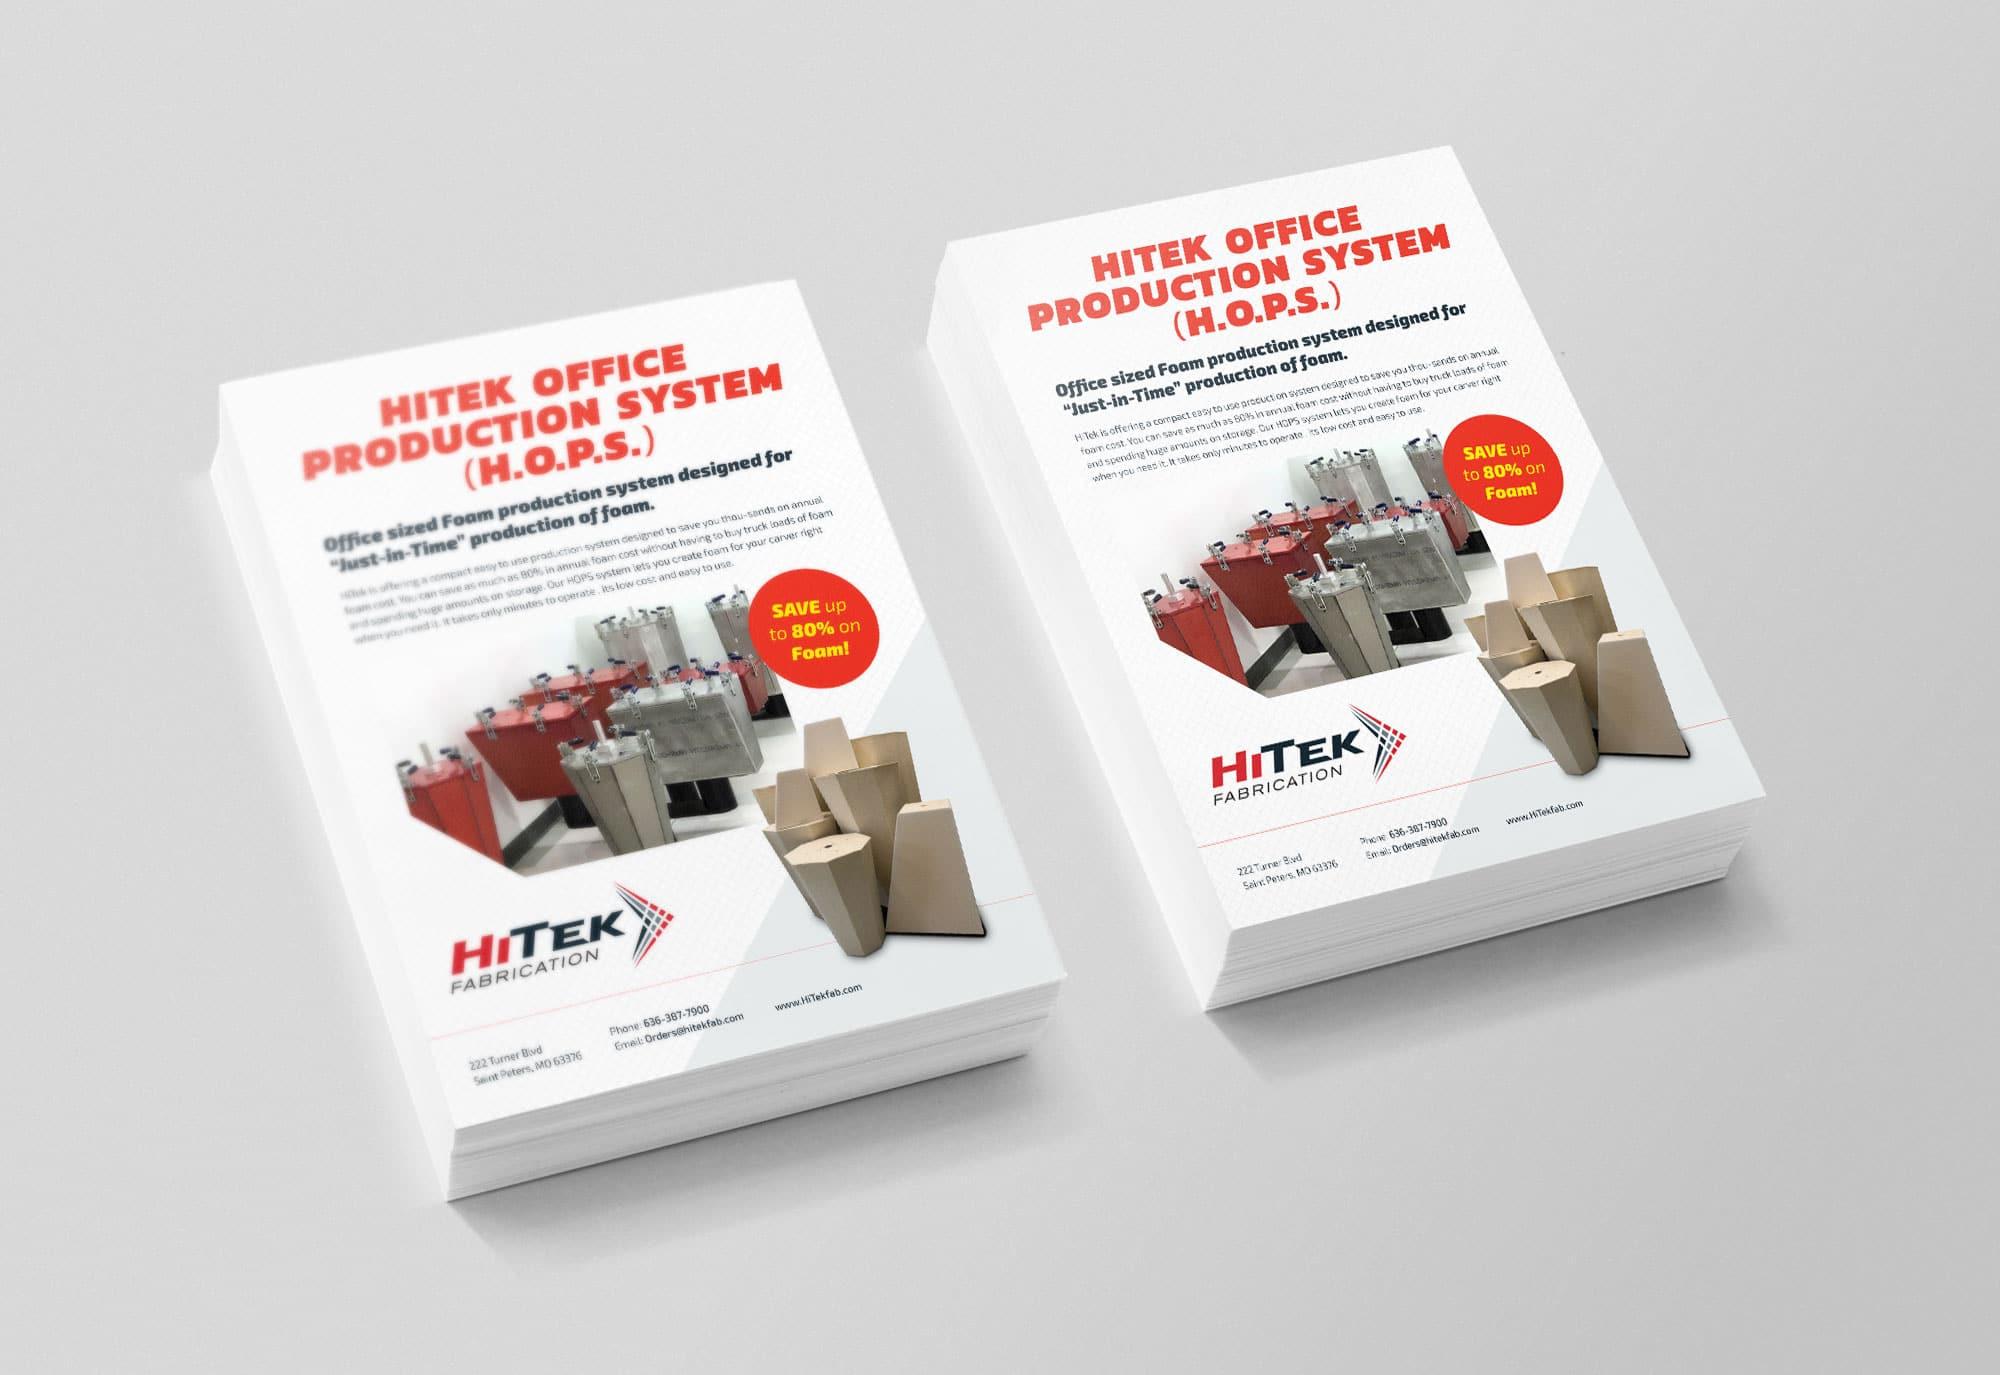 HiTek HOPS Flyer Design